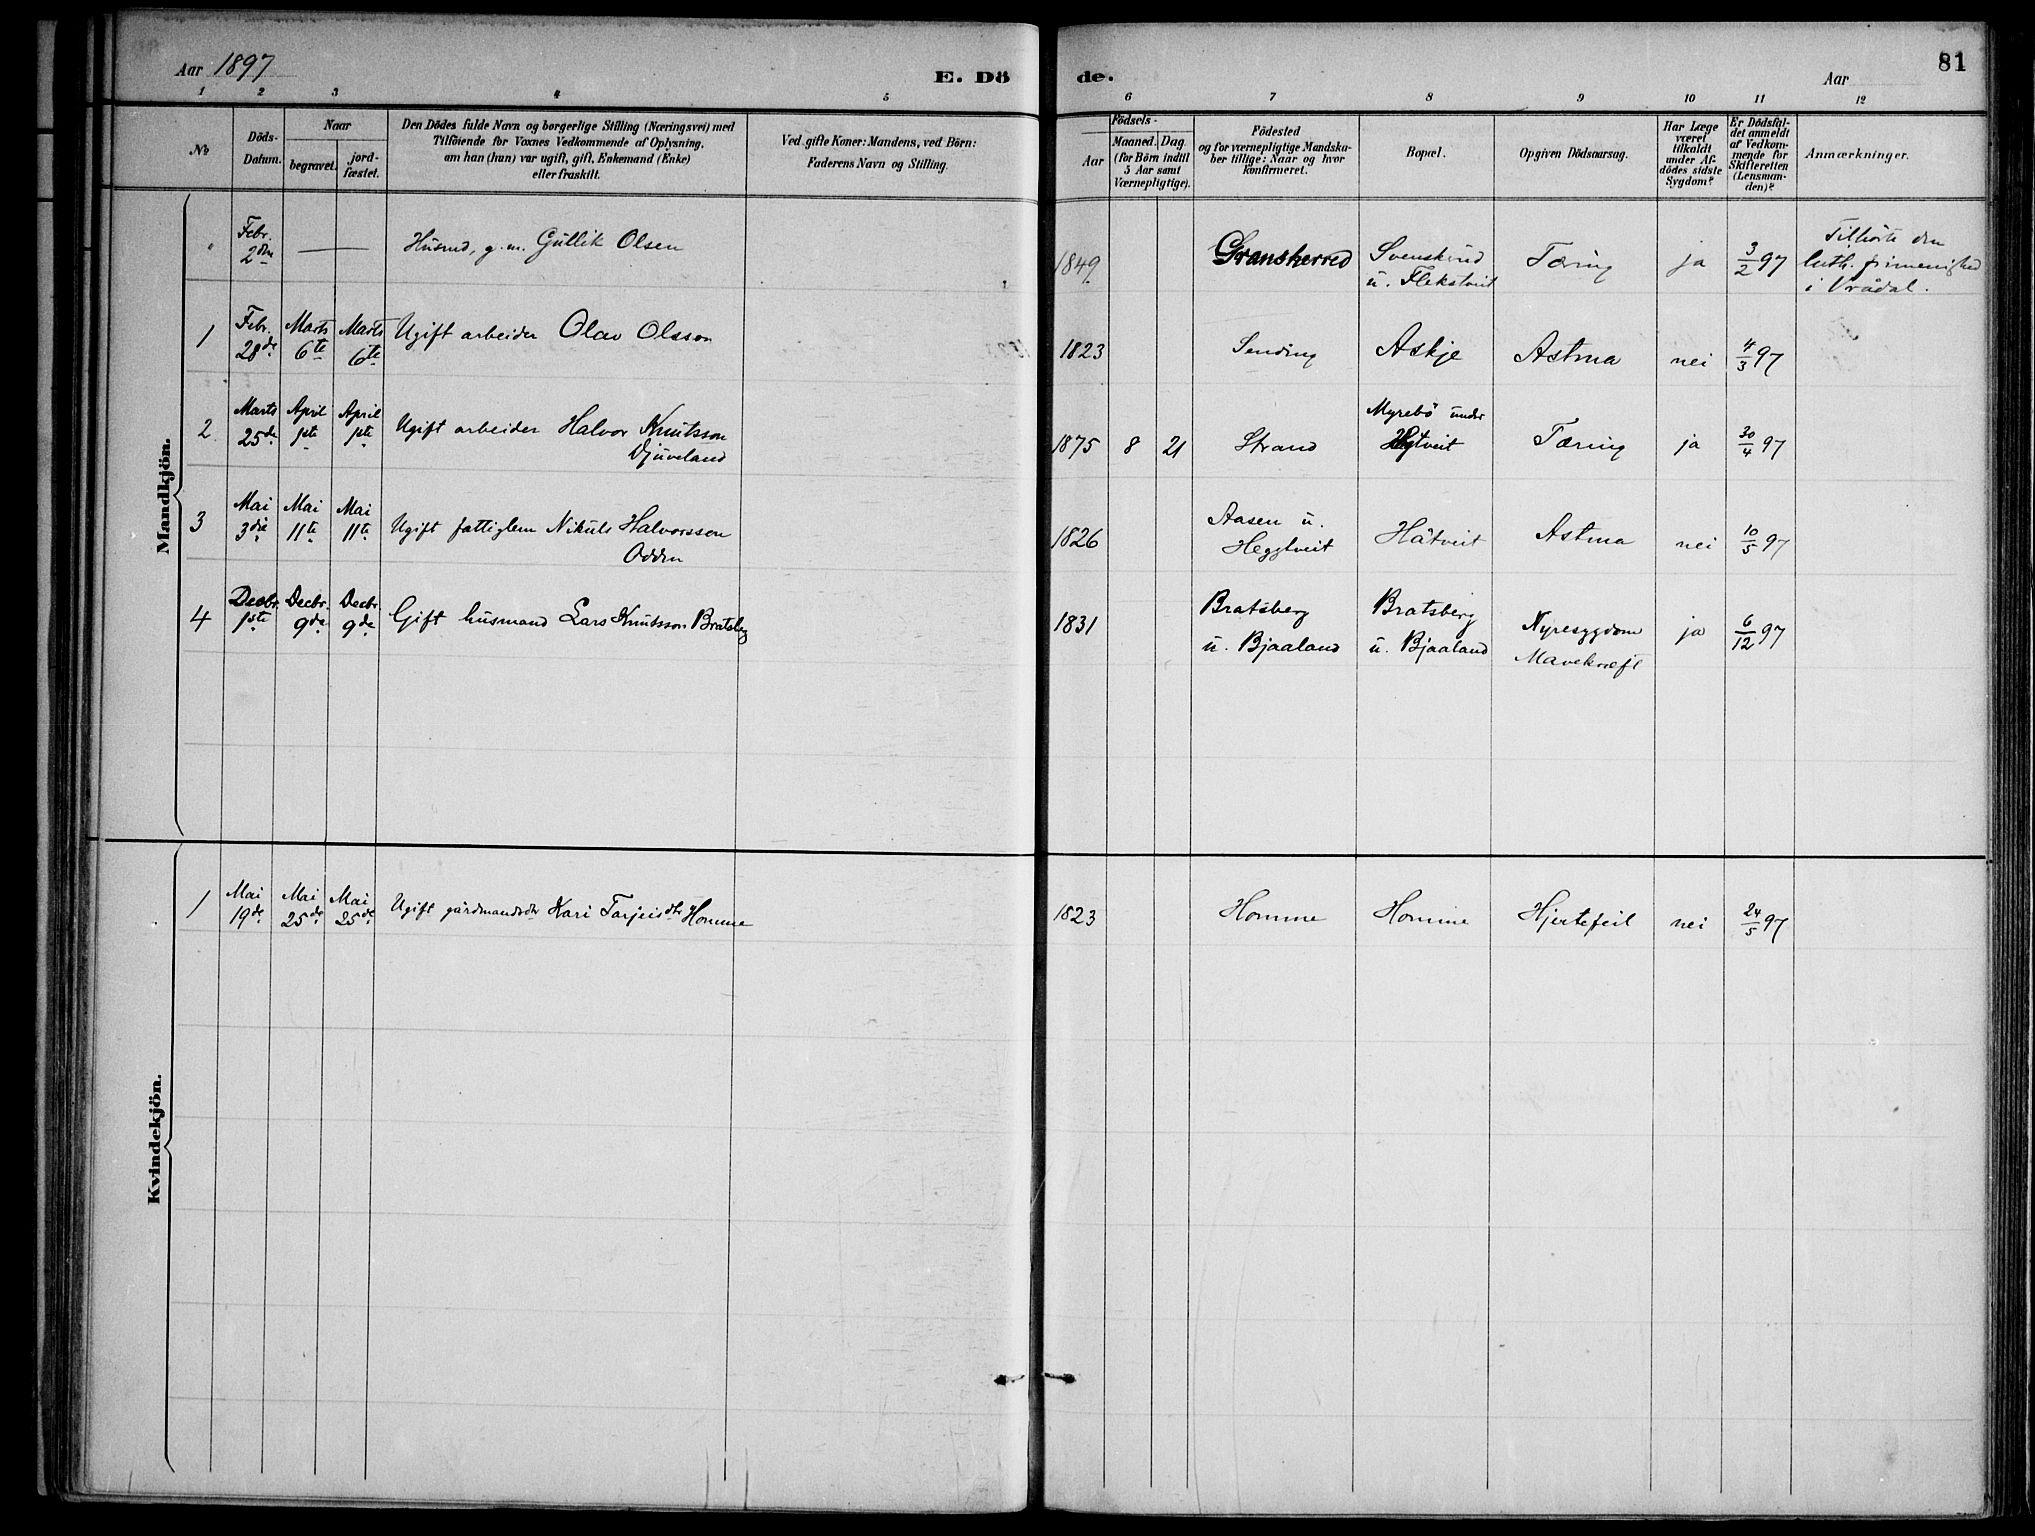 SAKO, Lårdal kirkebøker, F/Fa/L0007: Ministerialbok nr. I 7, 1887-1906, s. 81